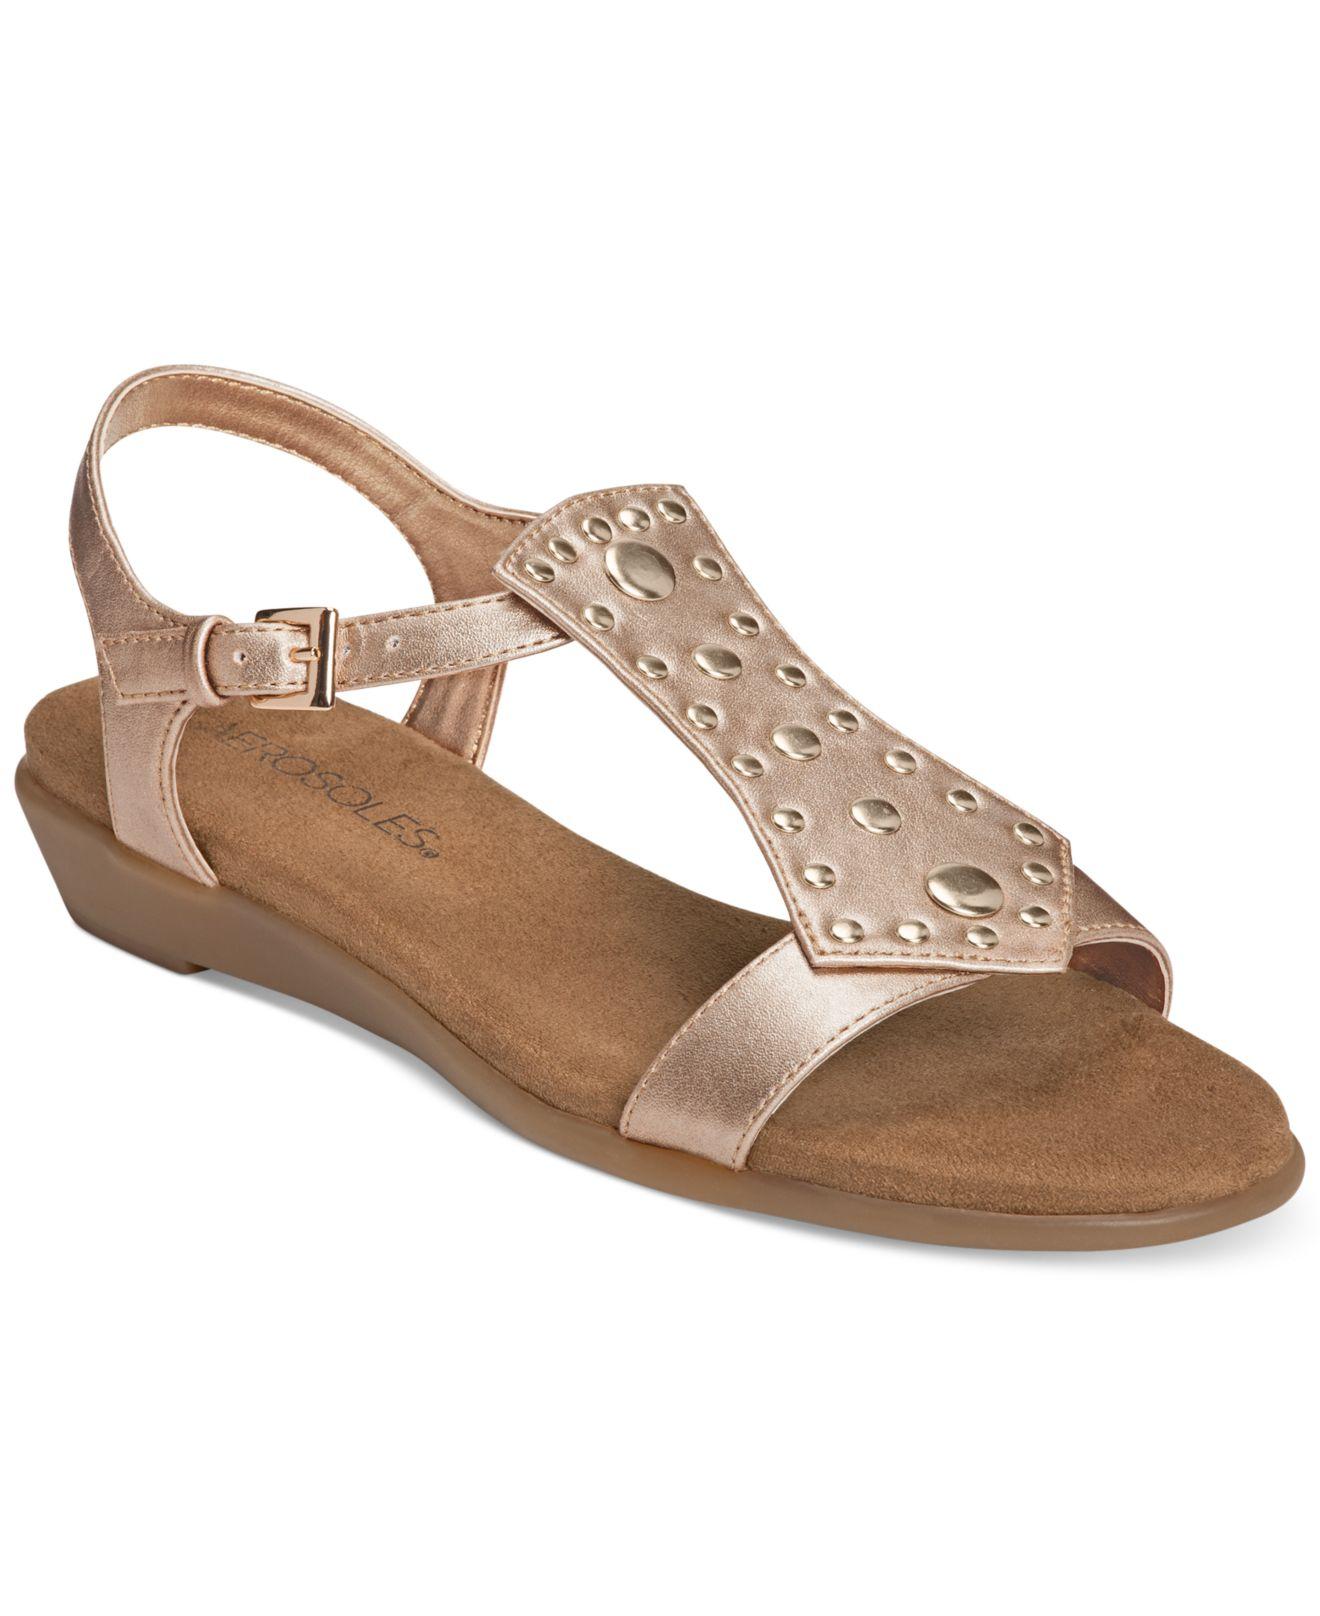 Lyst Aerosoles Athens Gladiator Sandals In Metallic